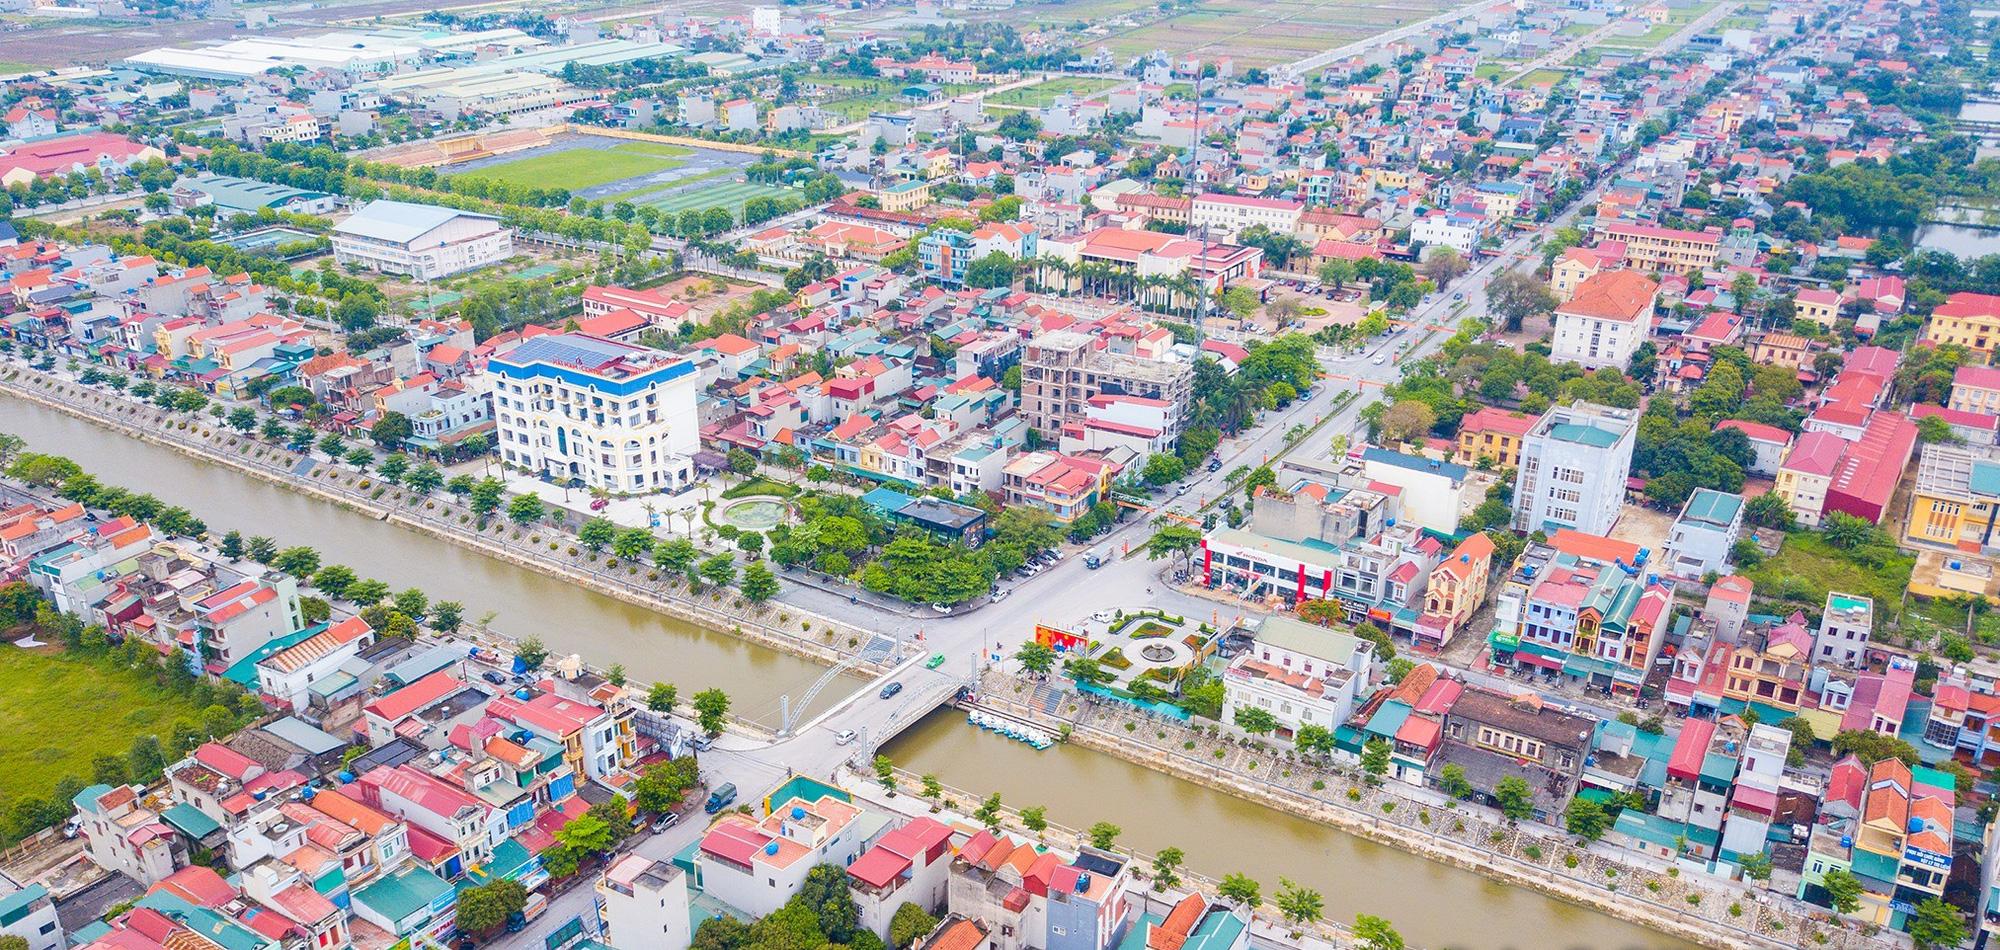 Thanh Hóa sắp có khu dân cư 1.500 tỷ đồng với gần 900 nhà liền kề, biệt thự tại Nga Sơn - Ảnh 1.